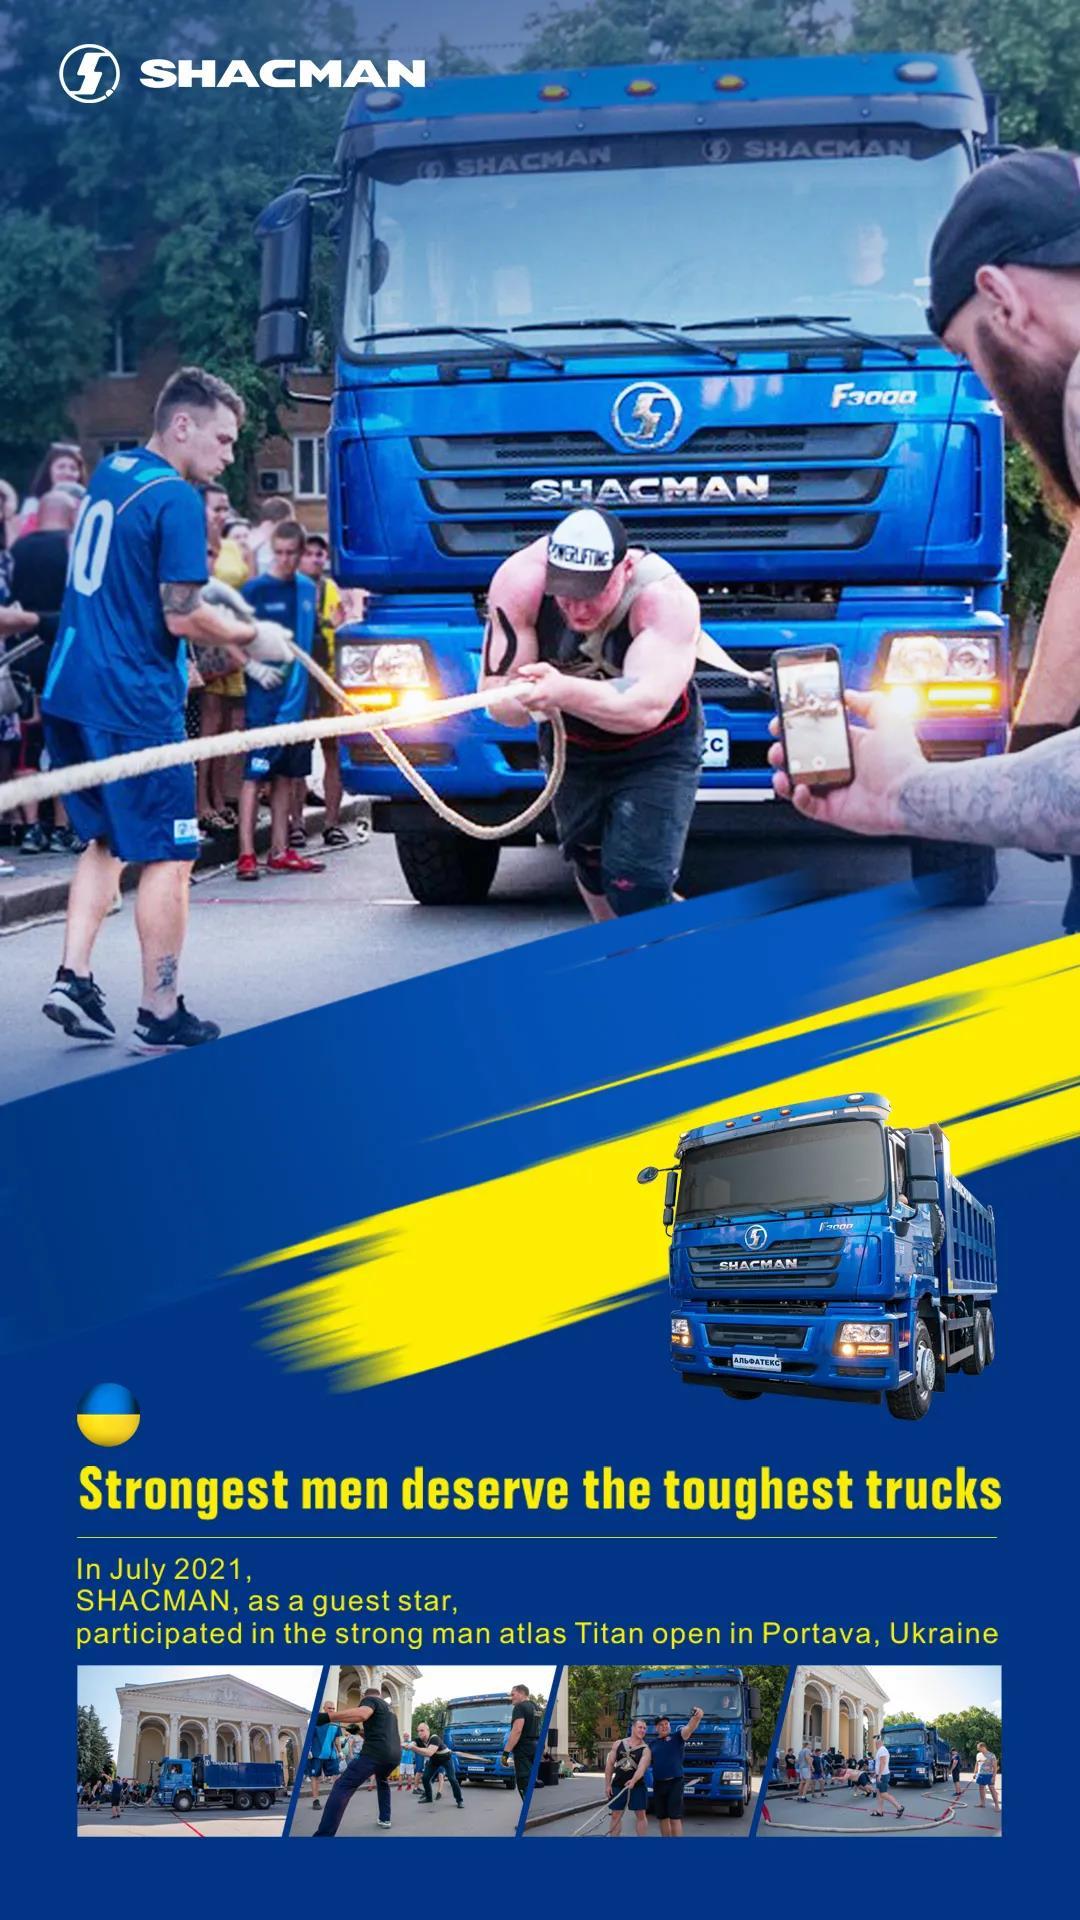 The strongest men deserve the toughest trucks!